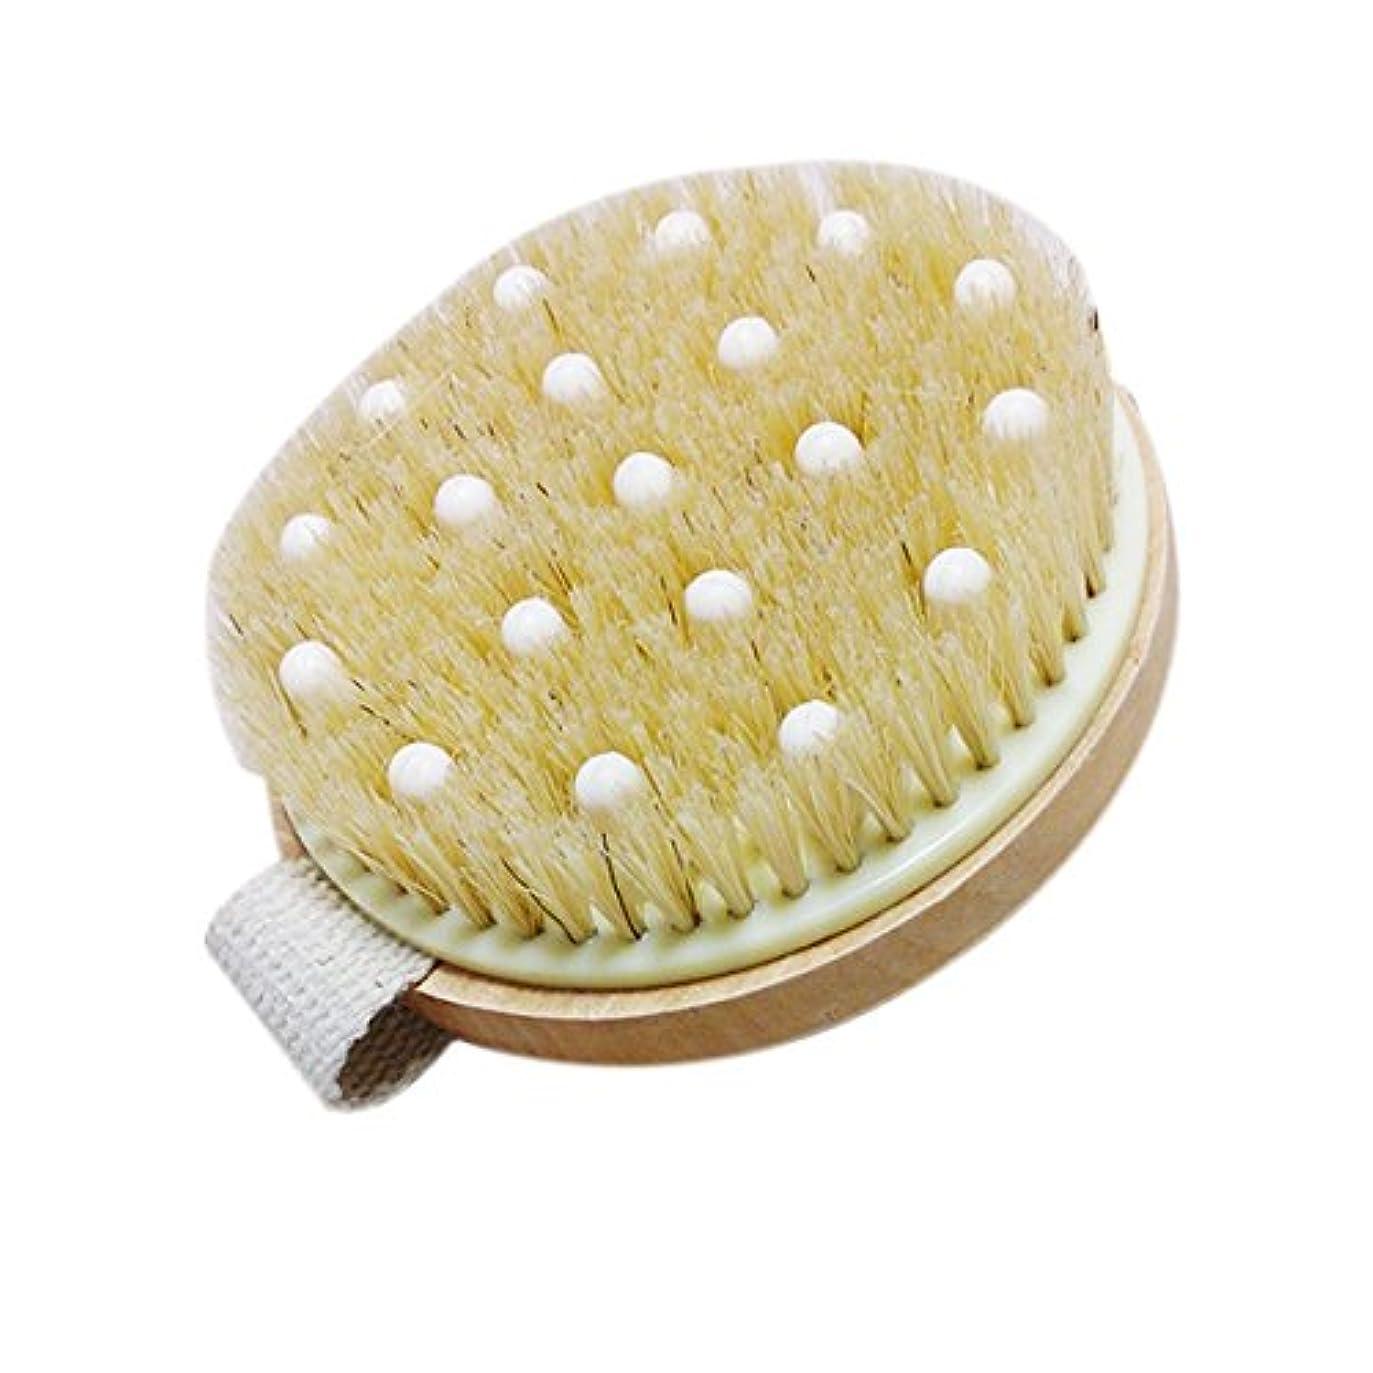 休憩する制限されたセンサーTOPBATHY バンド付きバスシャワー剛毛ブラシマッサージボディブラシ